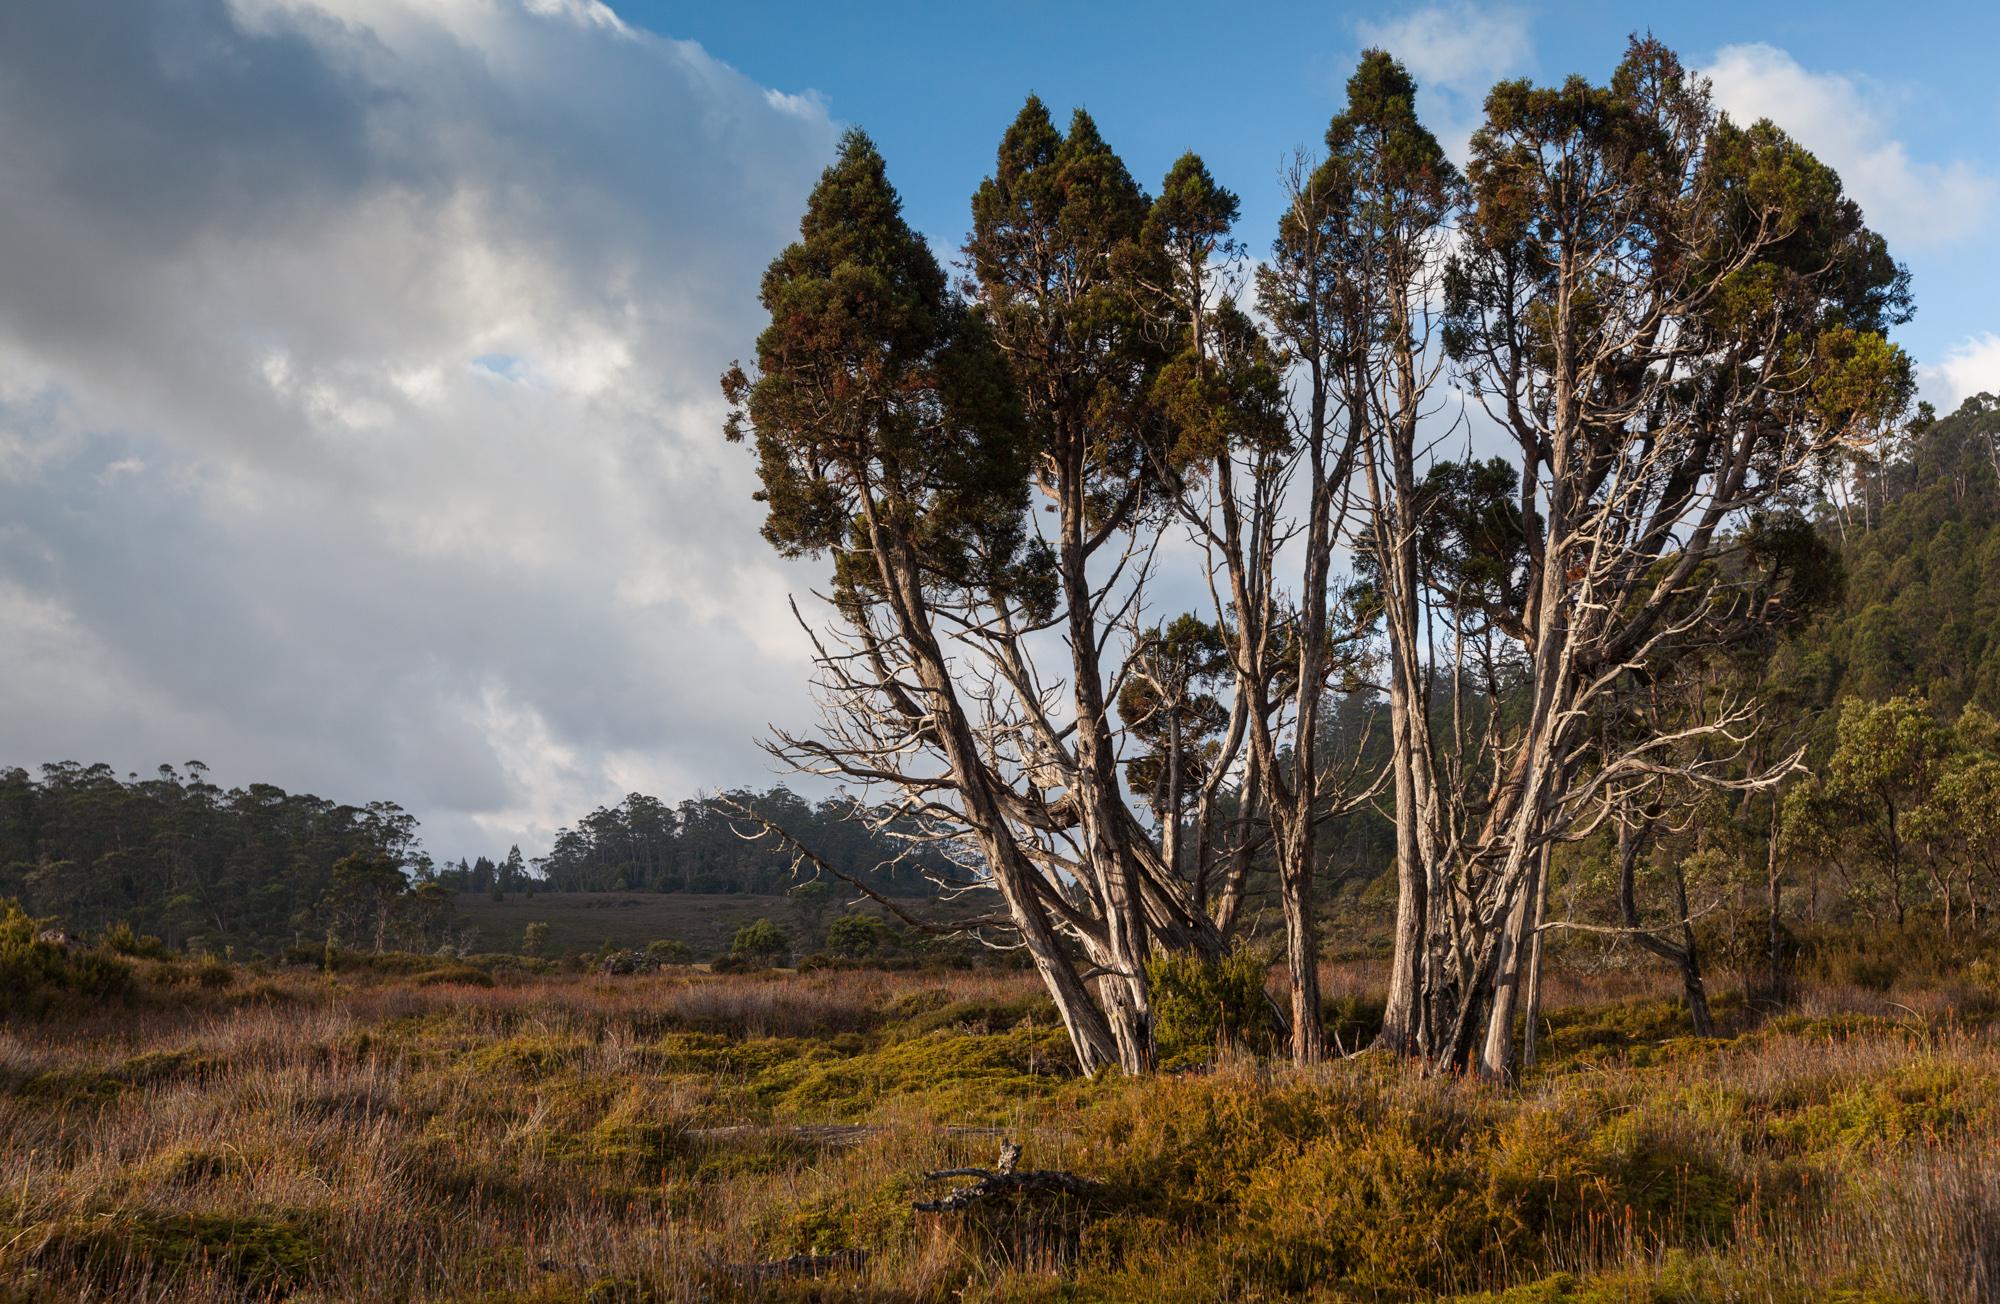 Tasmania_2015_102_2000PX.jpg